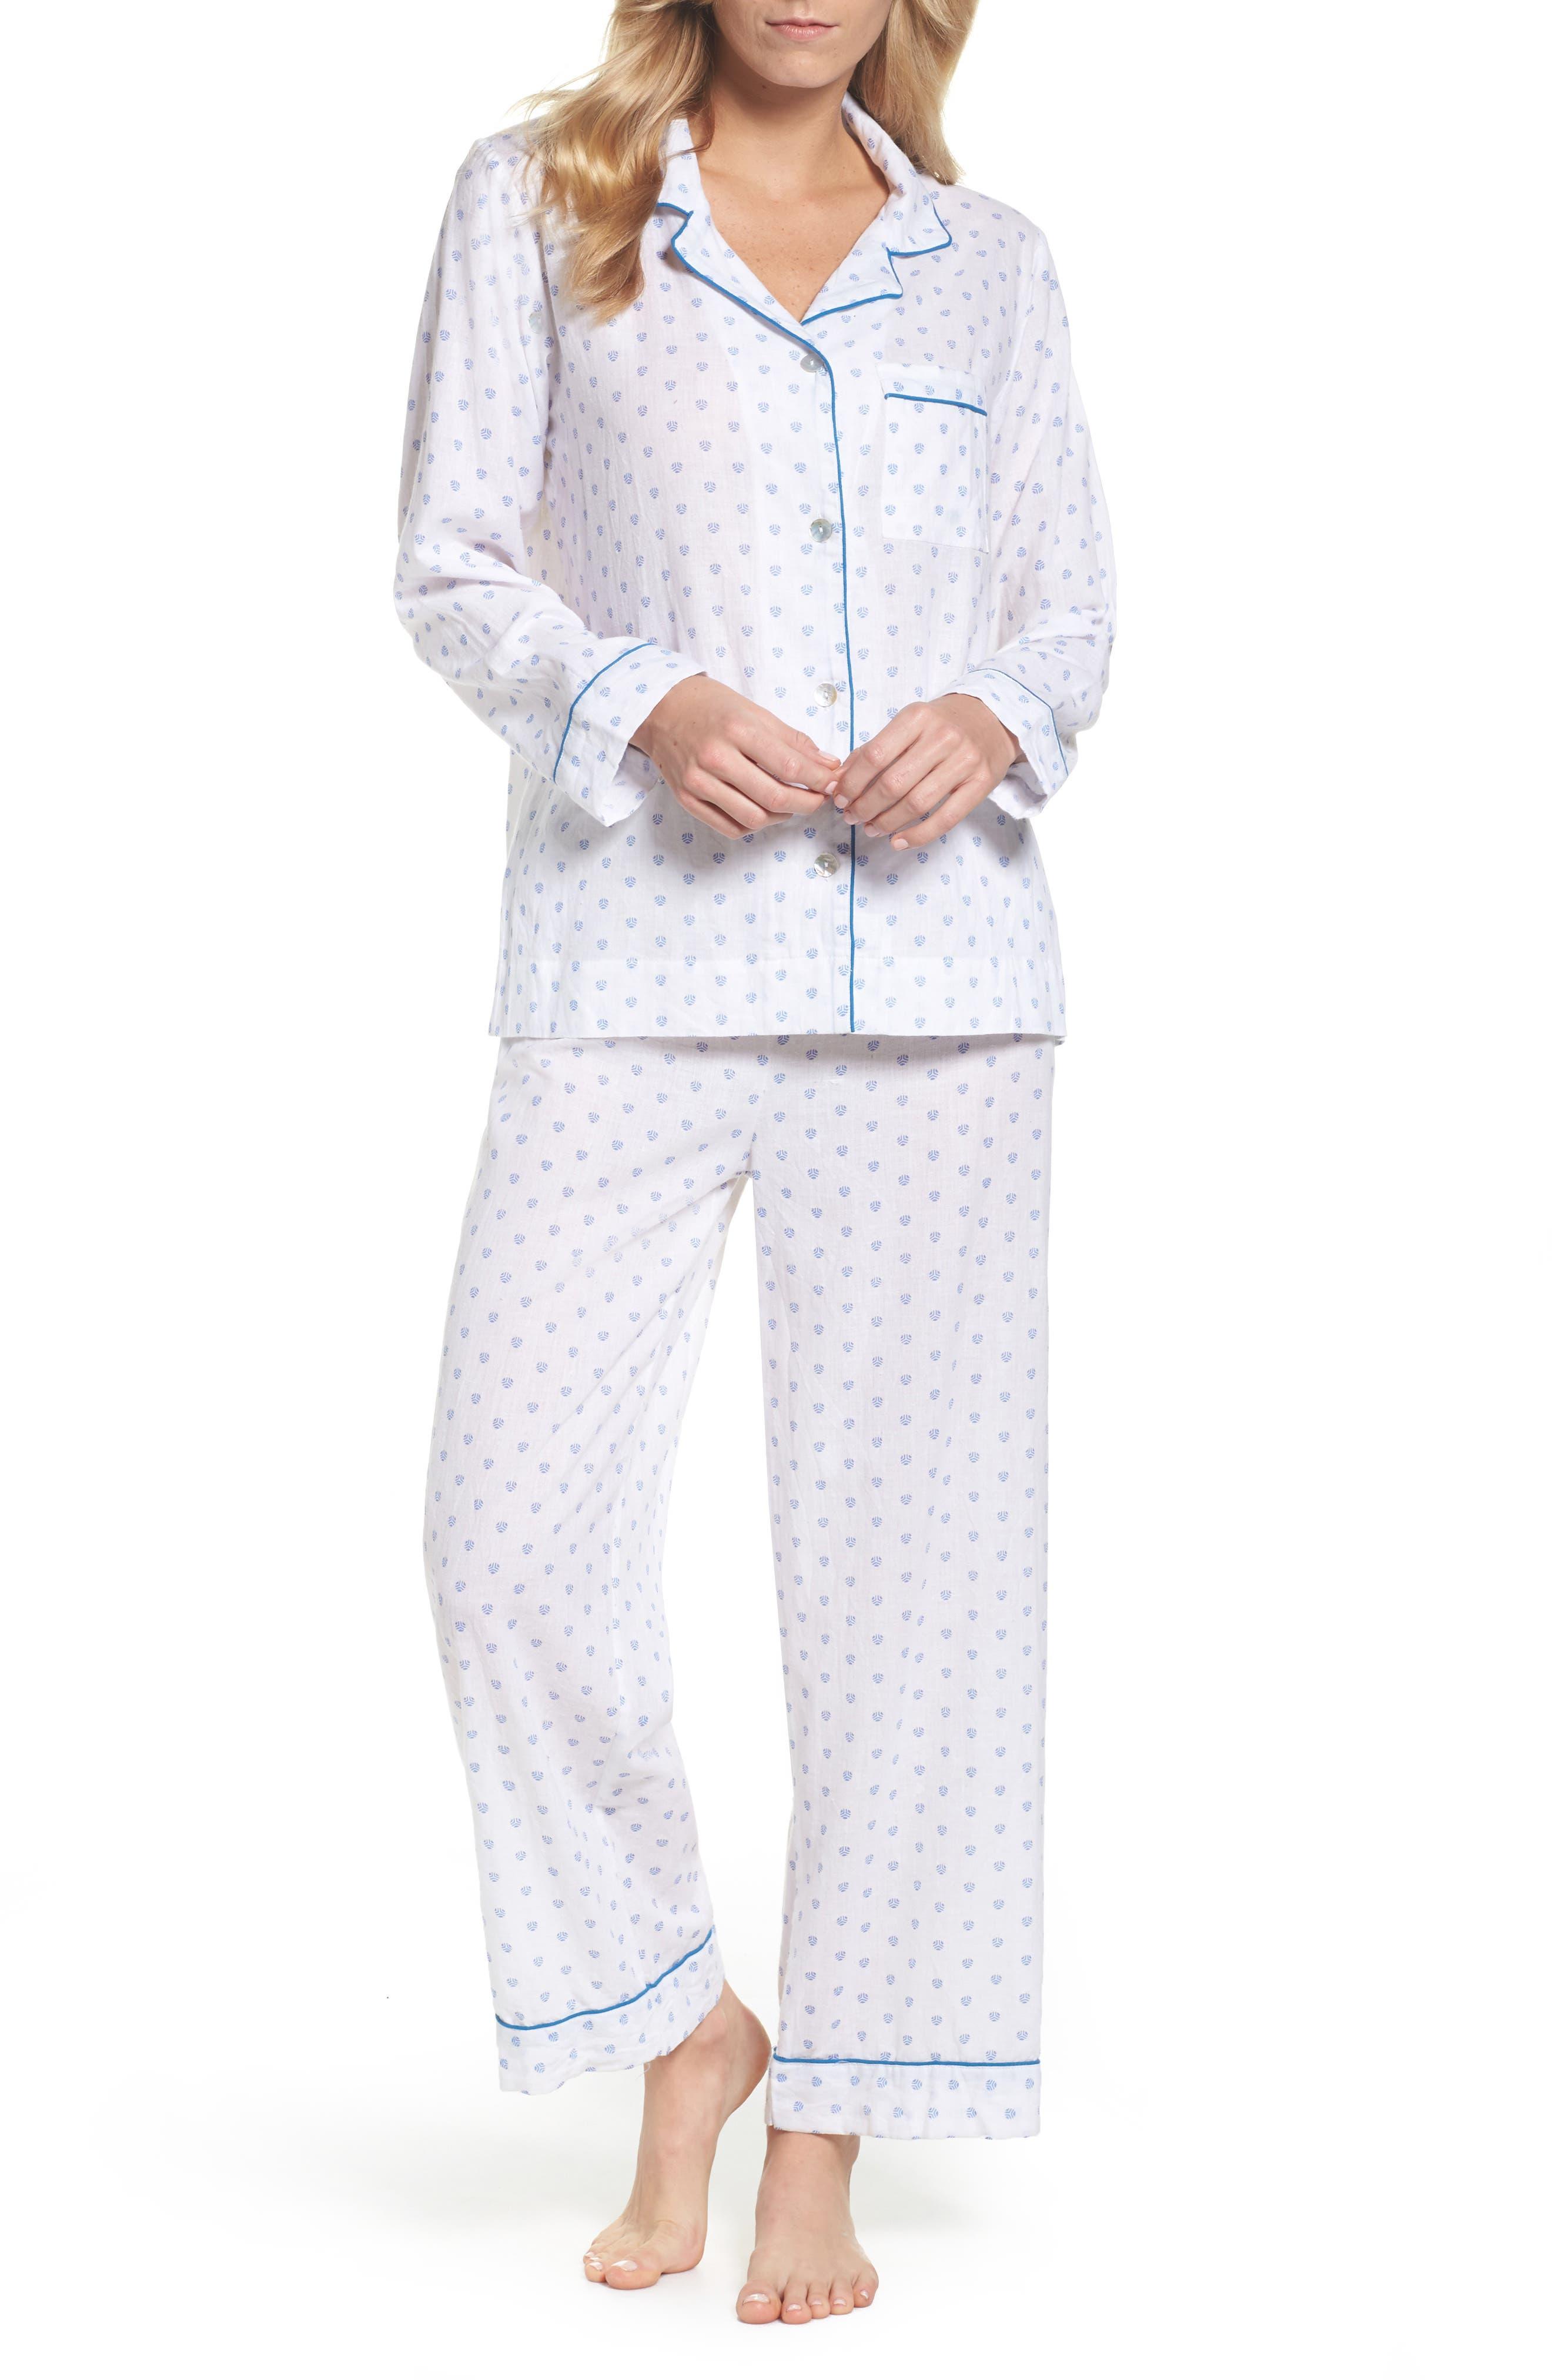 Washed Cotton Pajamas,                             Main thumbnail 1, color,                             100